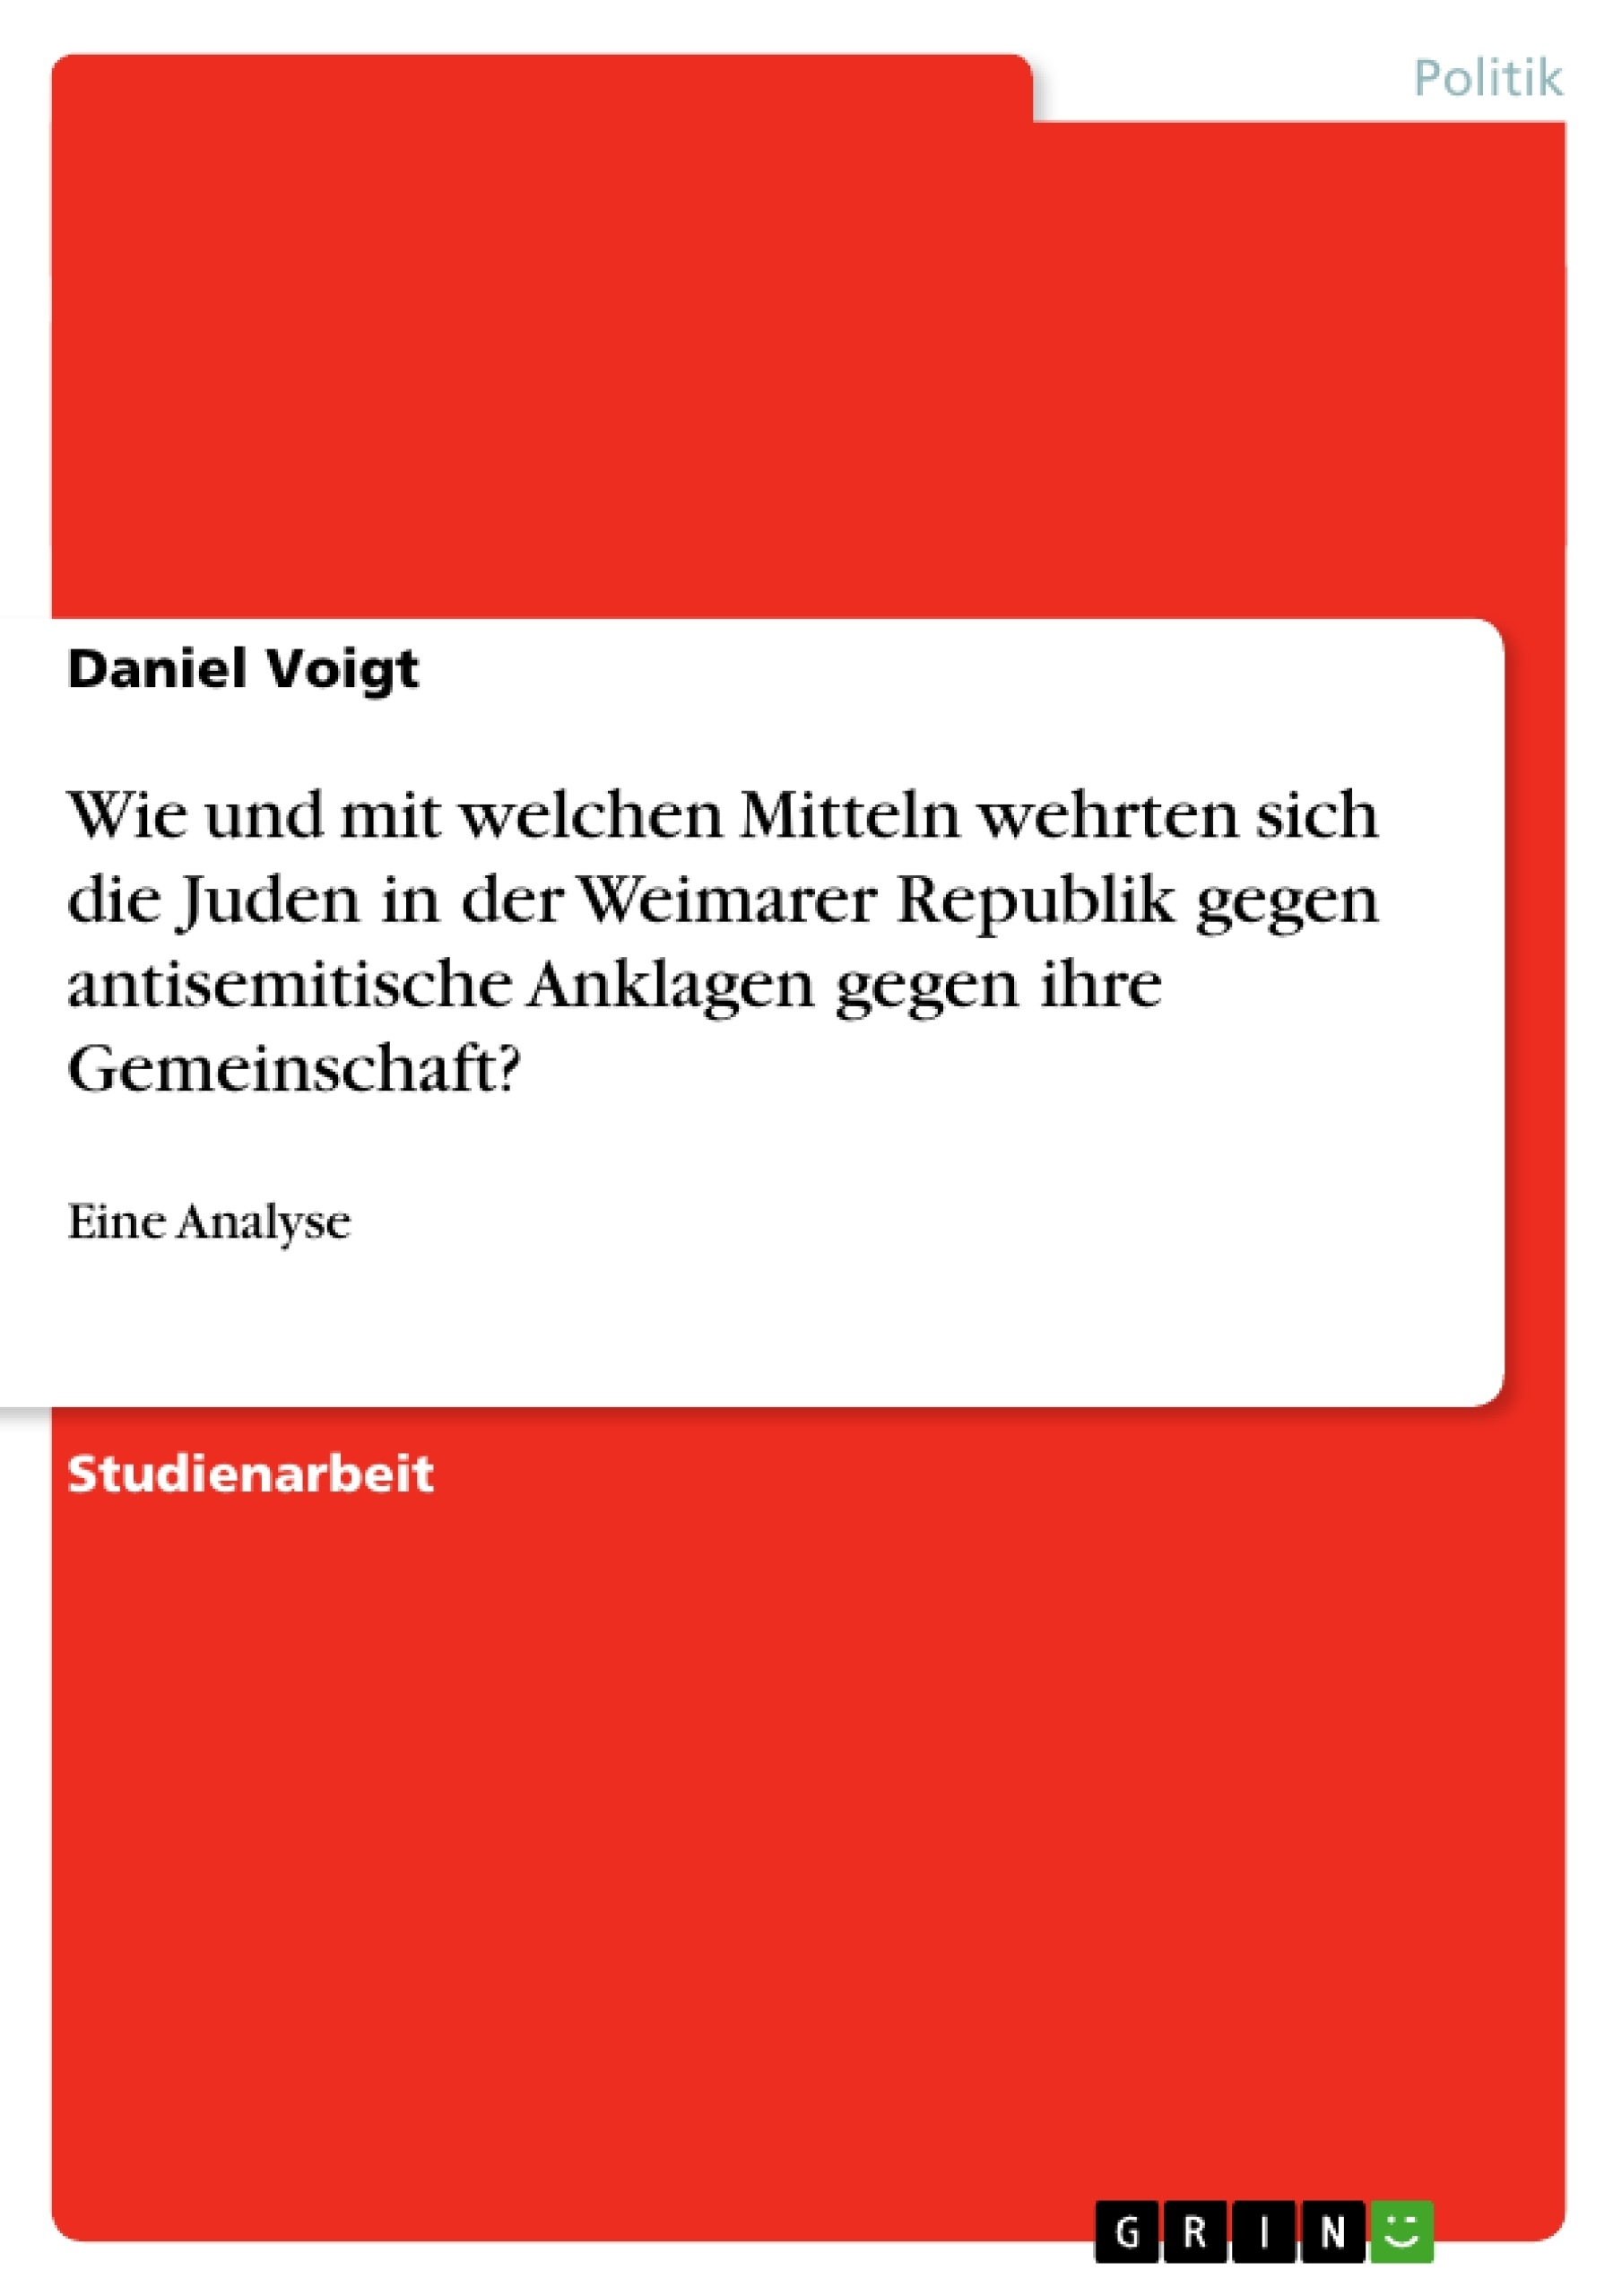 Titel: Wie und mit welchen Mitteln wehrten sich die Juden in der Weimarer Republik gegen antisemitische Anklagen gegen ihre Gemeinschaft?